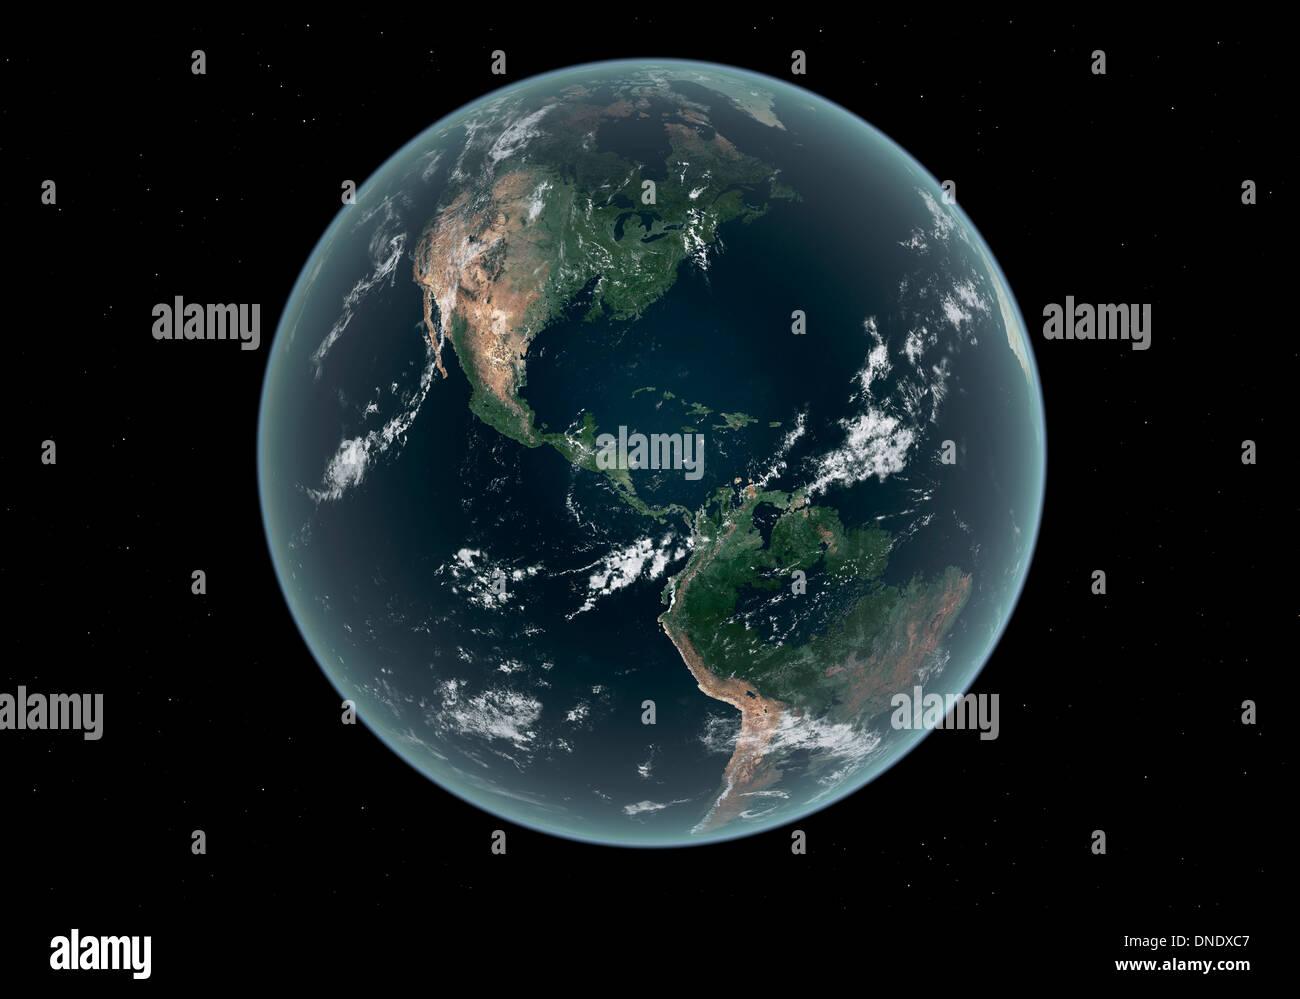 Erde der westlichen Hemisphäre mit Anstieg des Meeresspiegels 330 Feet über dem Durchschnitt. Stockbild